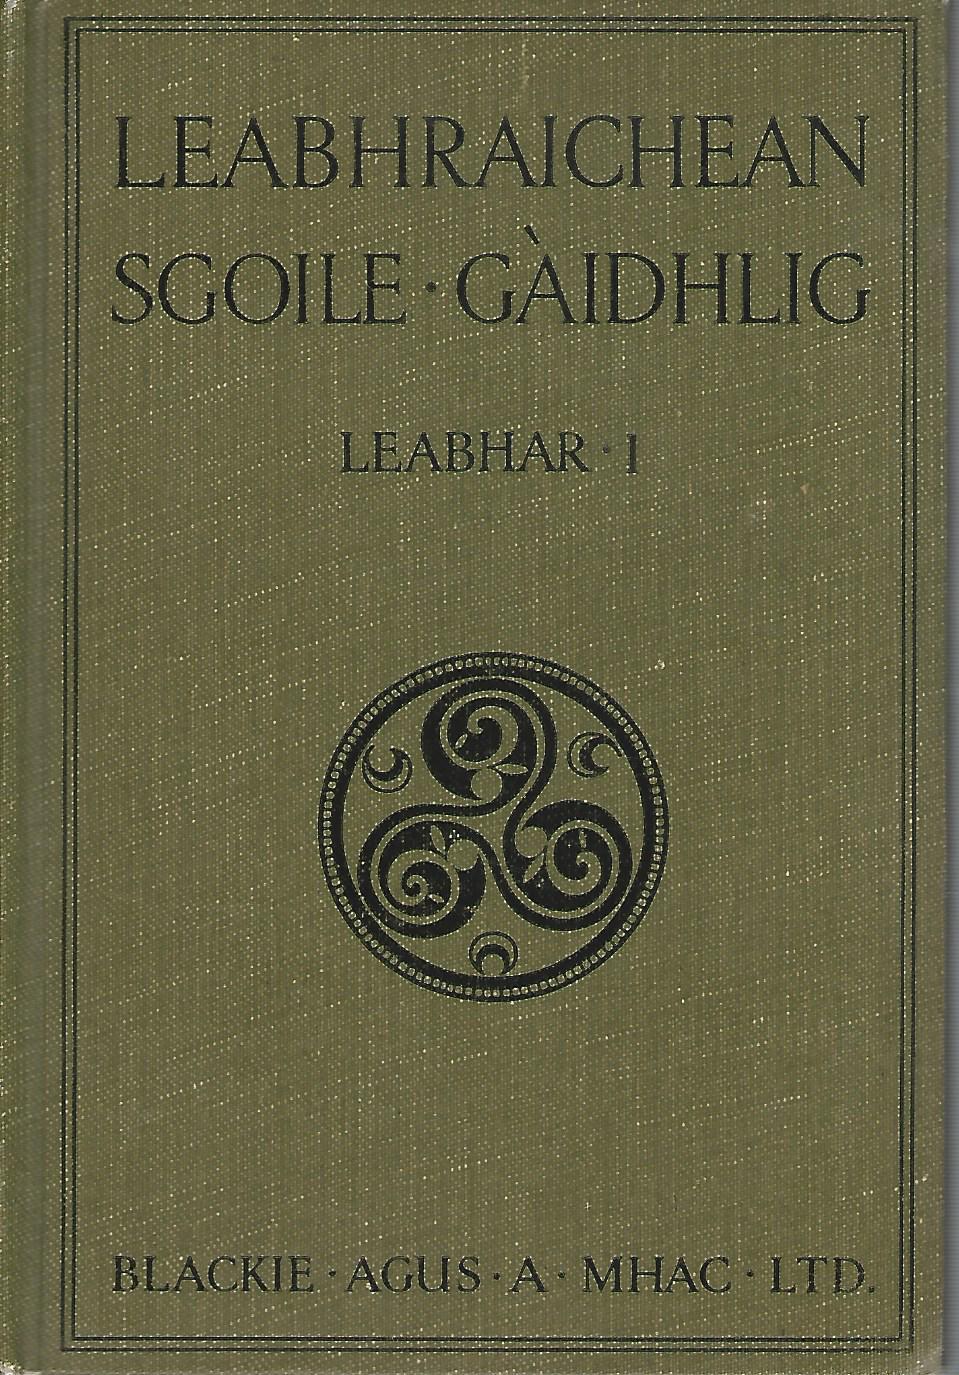 Leabhraichean Sgoile - Gaidhlig - Leabhar 1